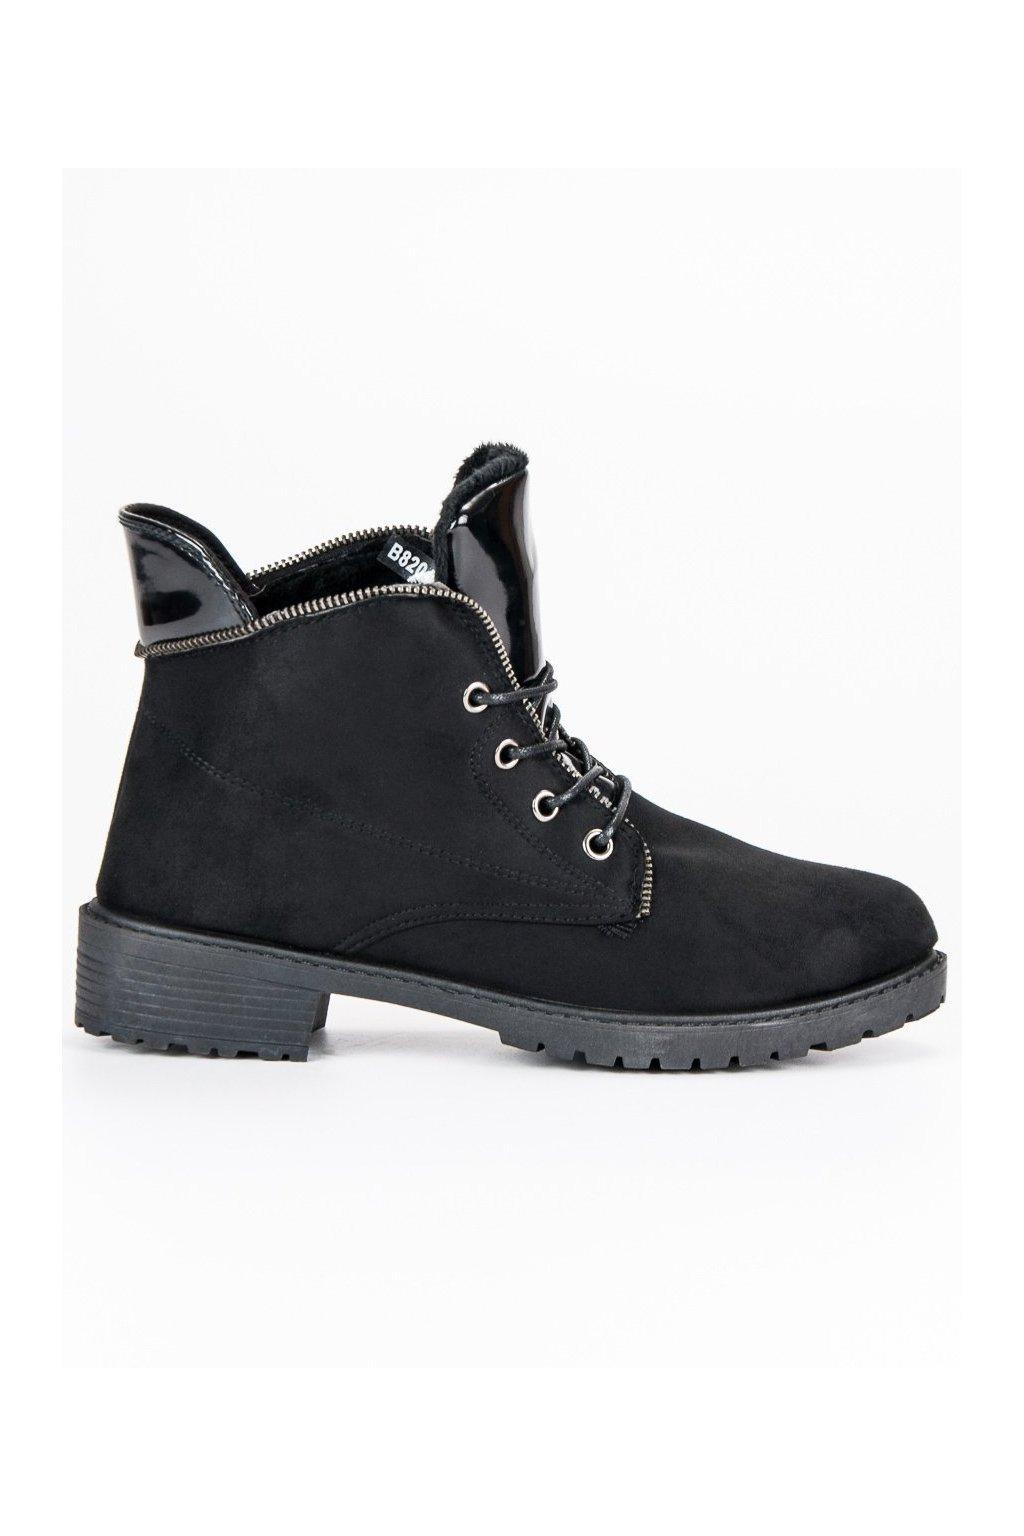 Čierne dámske topánky na plochom opätku Balada B820B